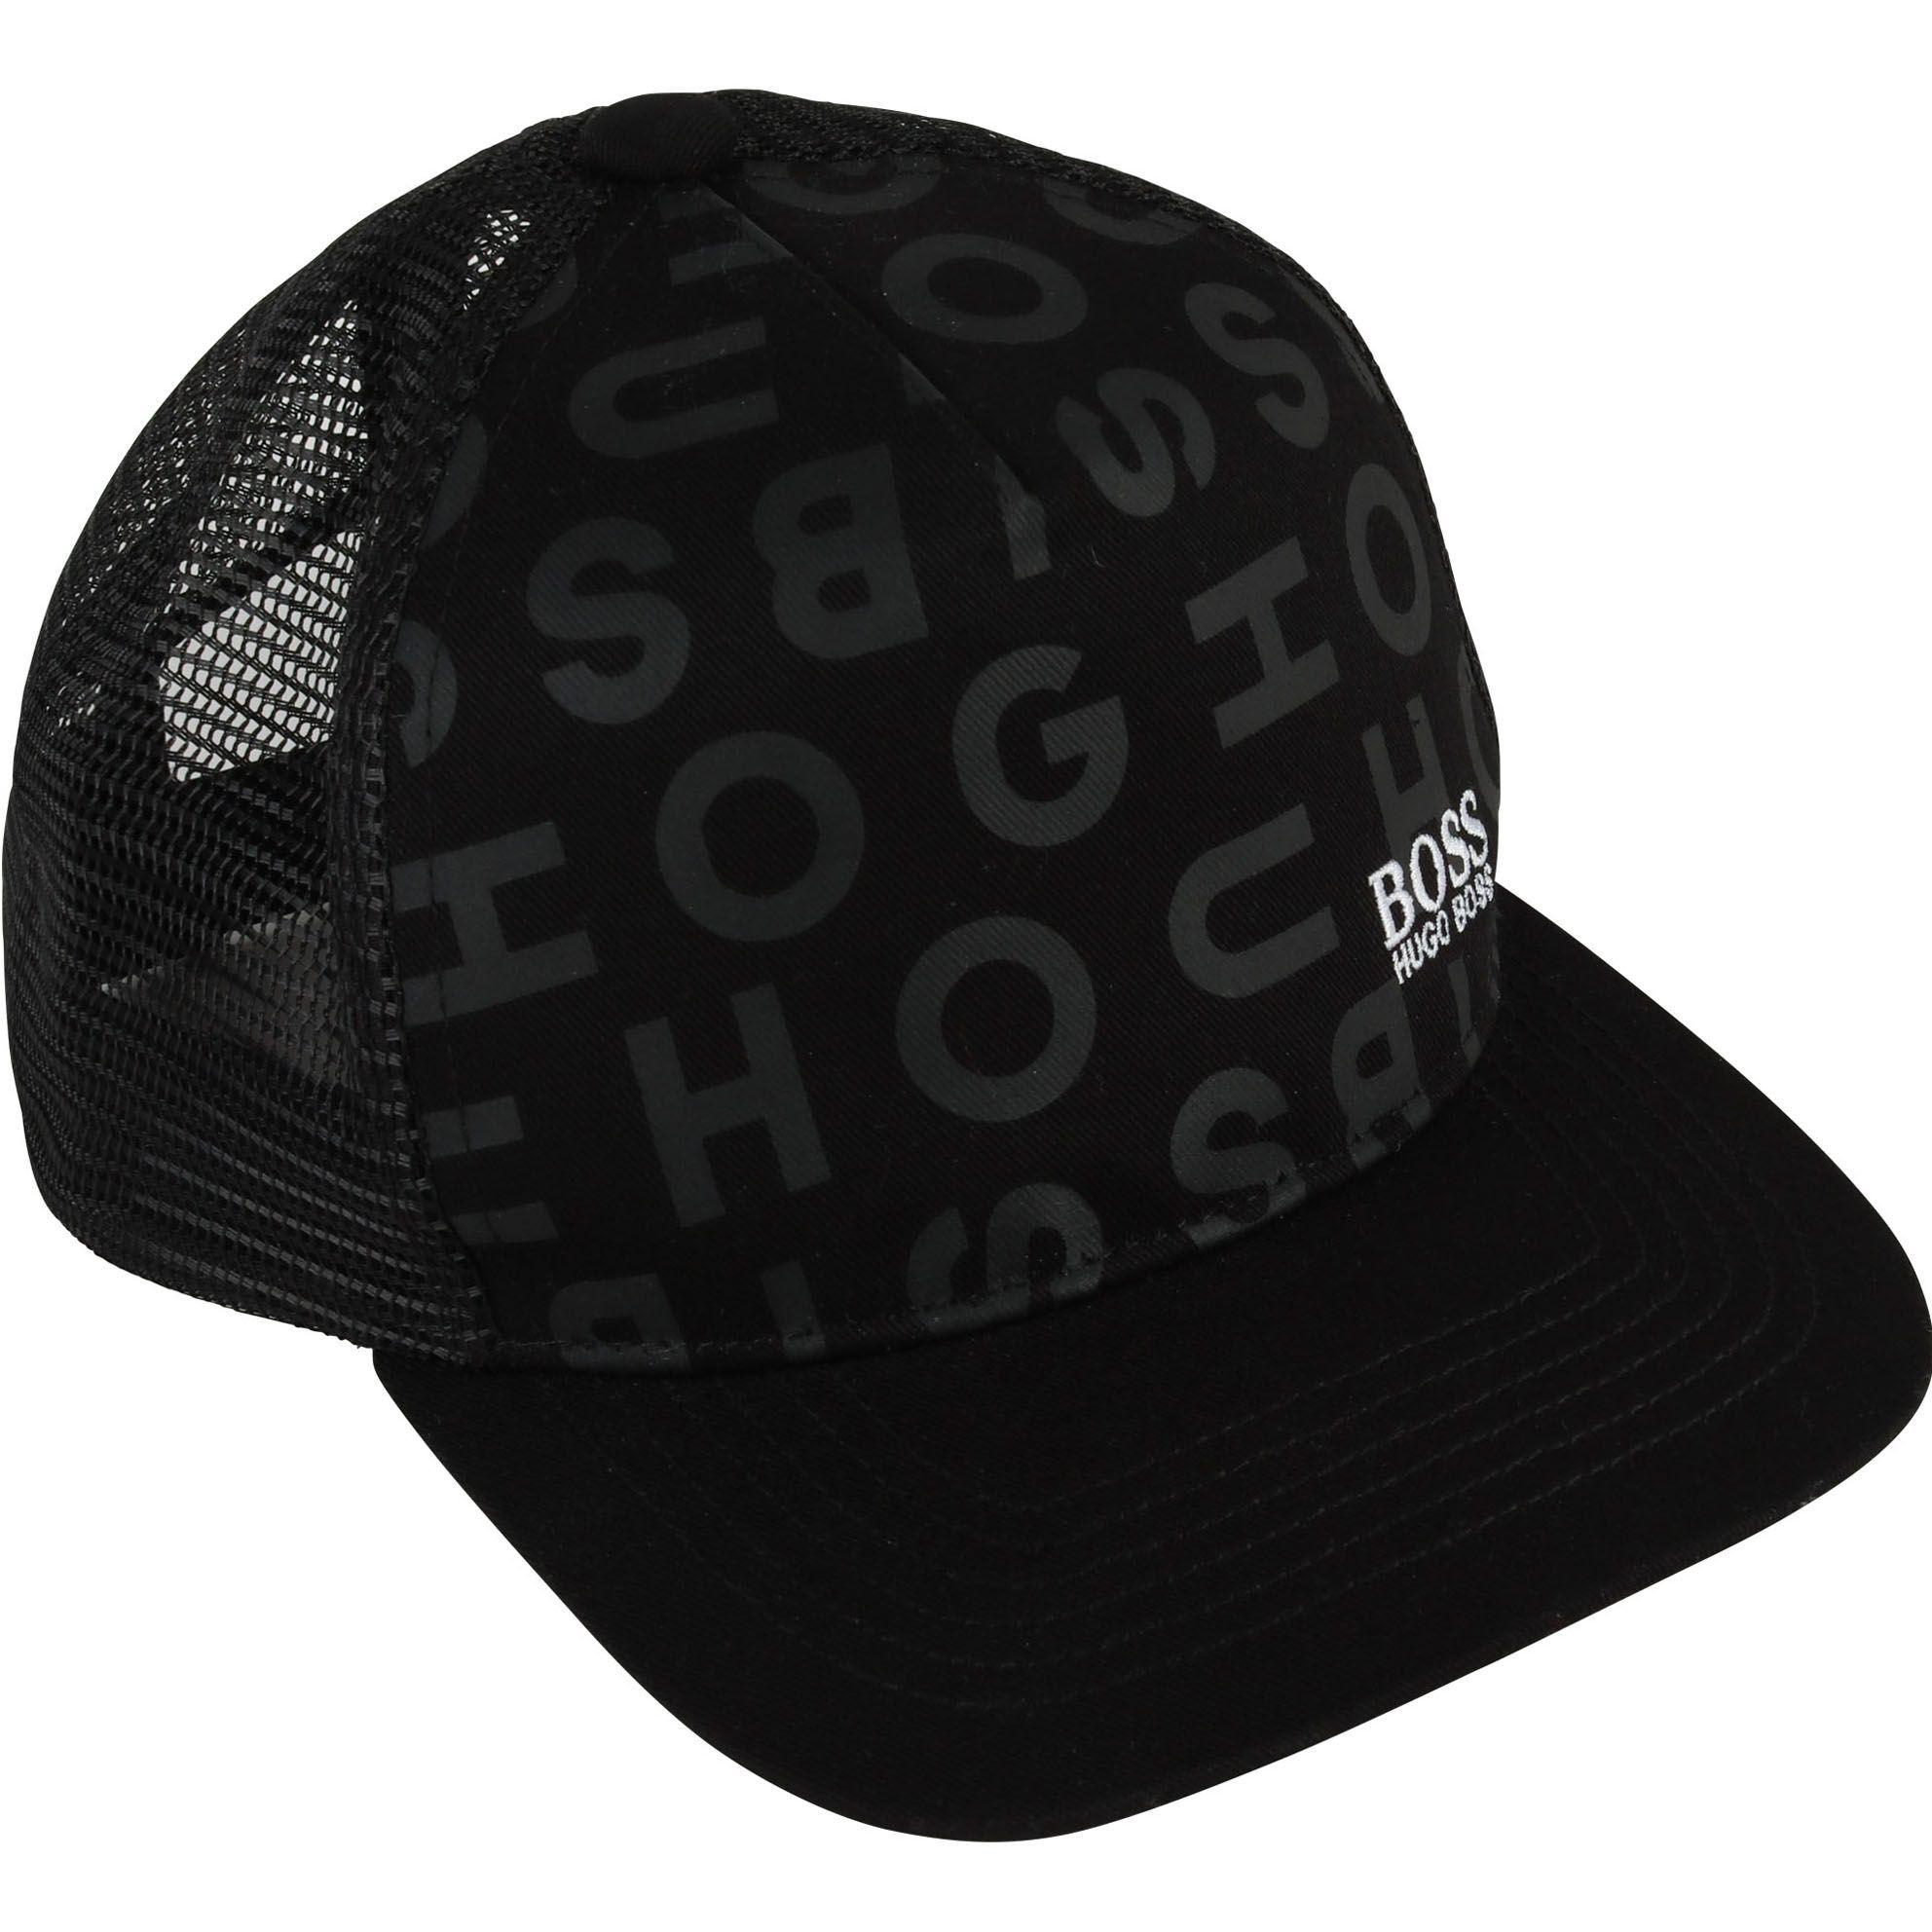 Hugo Boss Capuchon Casquette Noir One Size